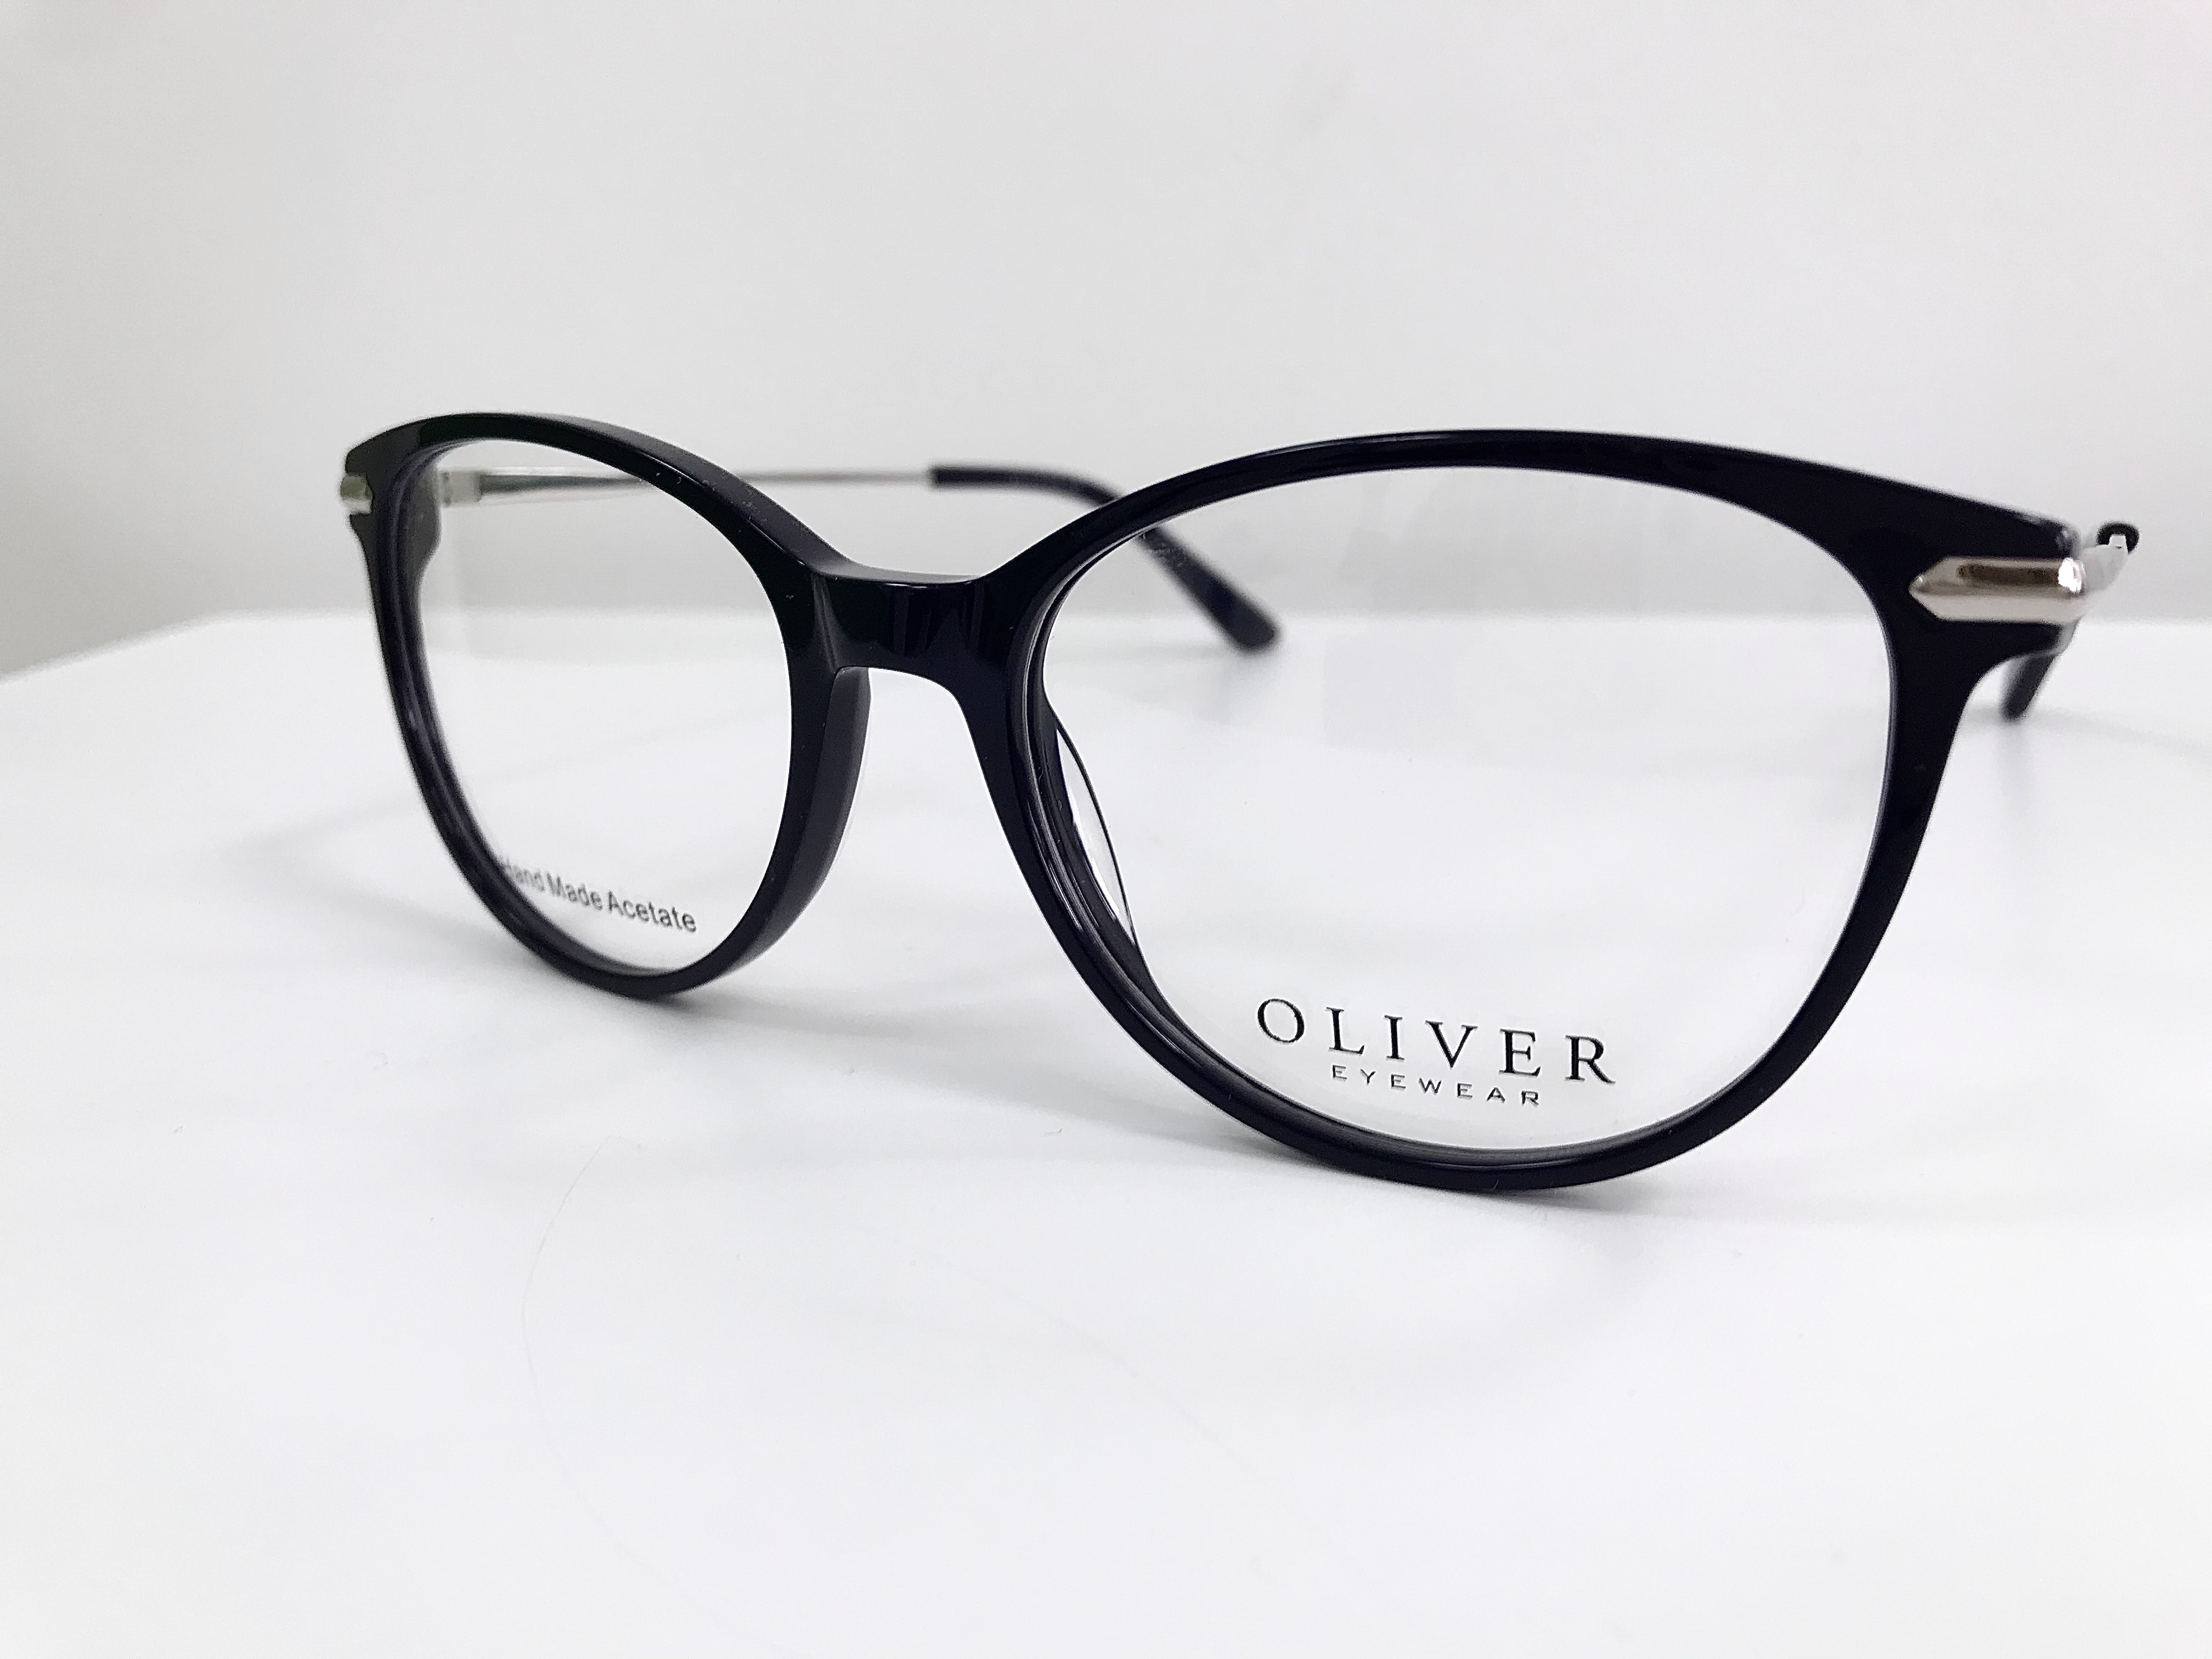 OLIVER-7102-C1 [0]